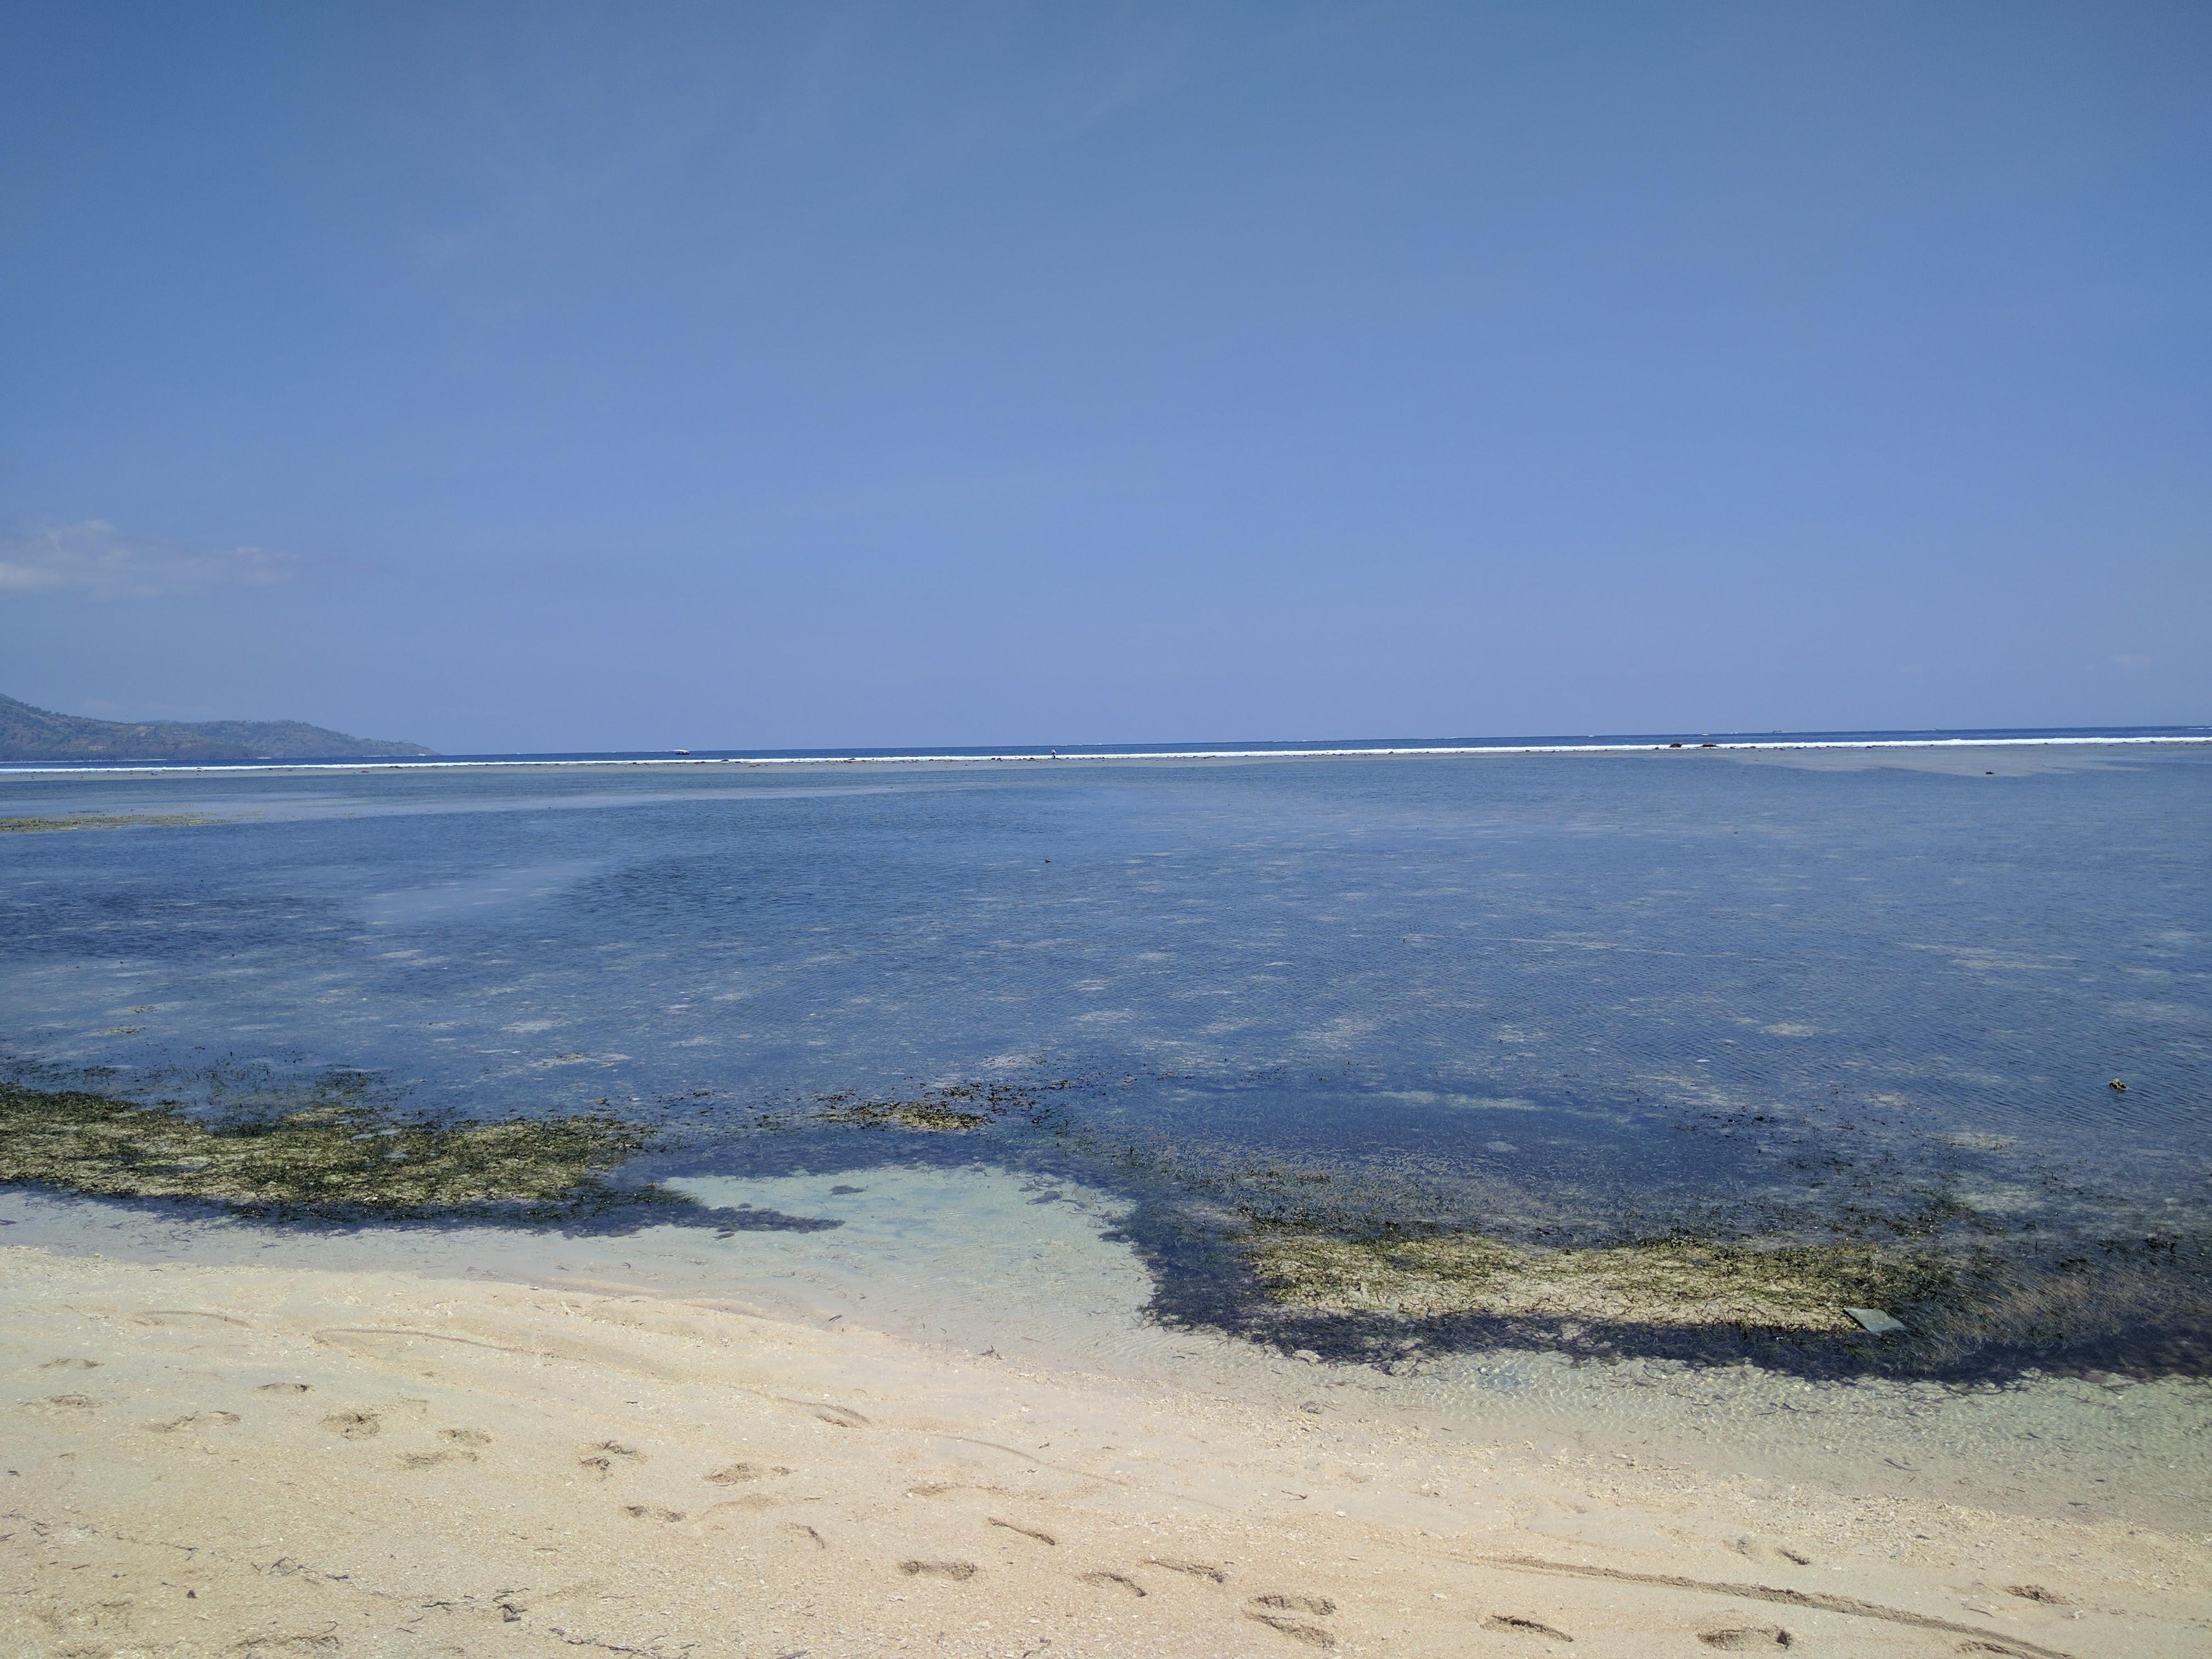 Mer basse gili air